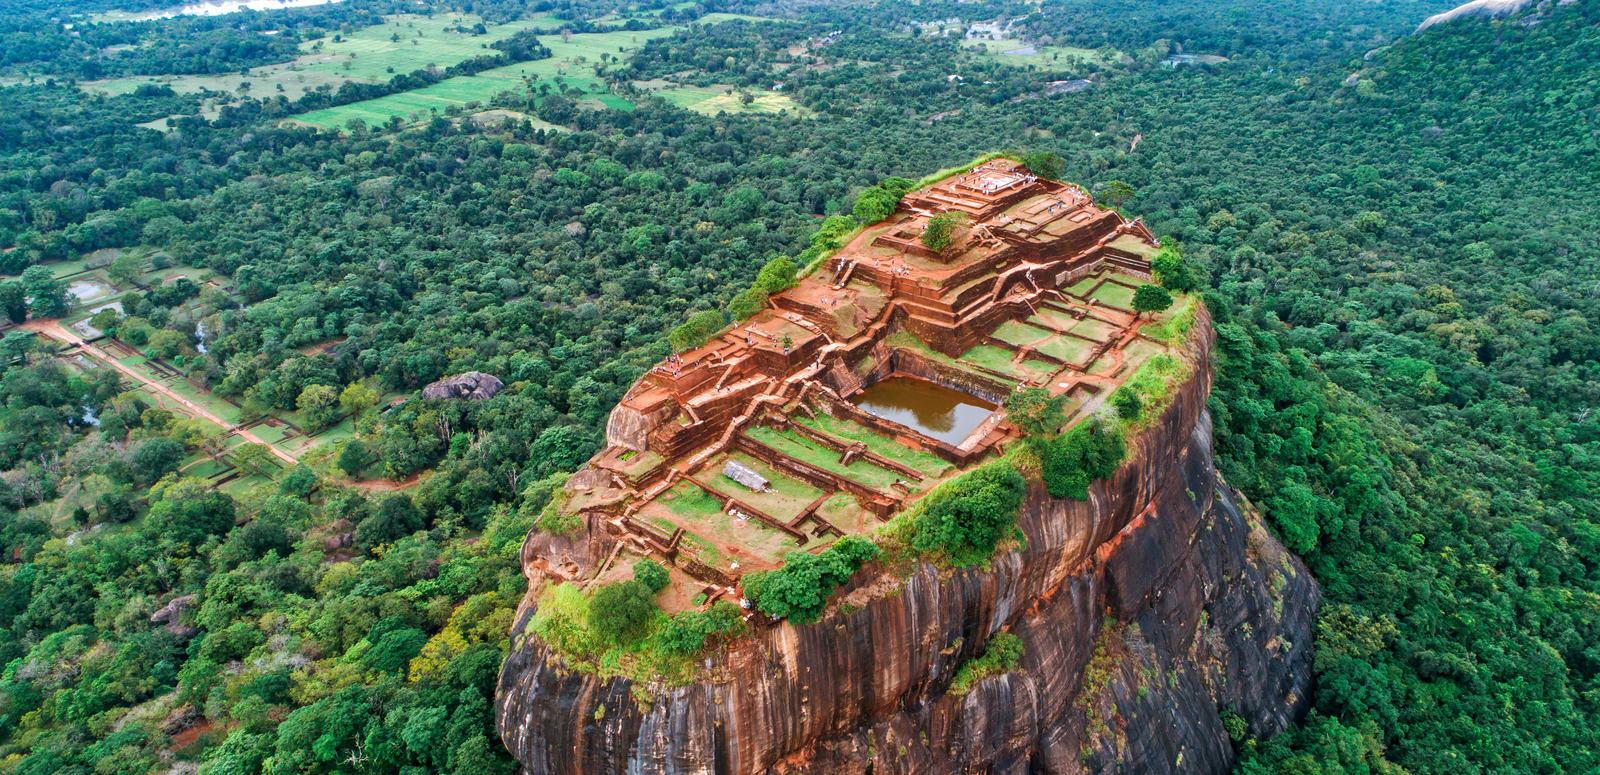 Sigiriya: Rock Fortress